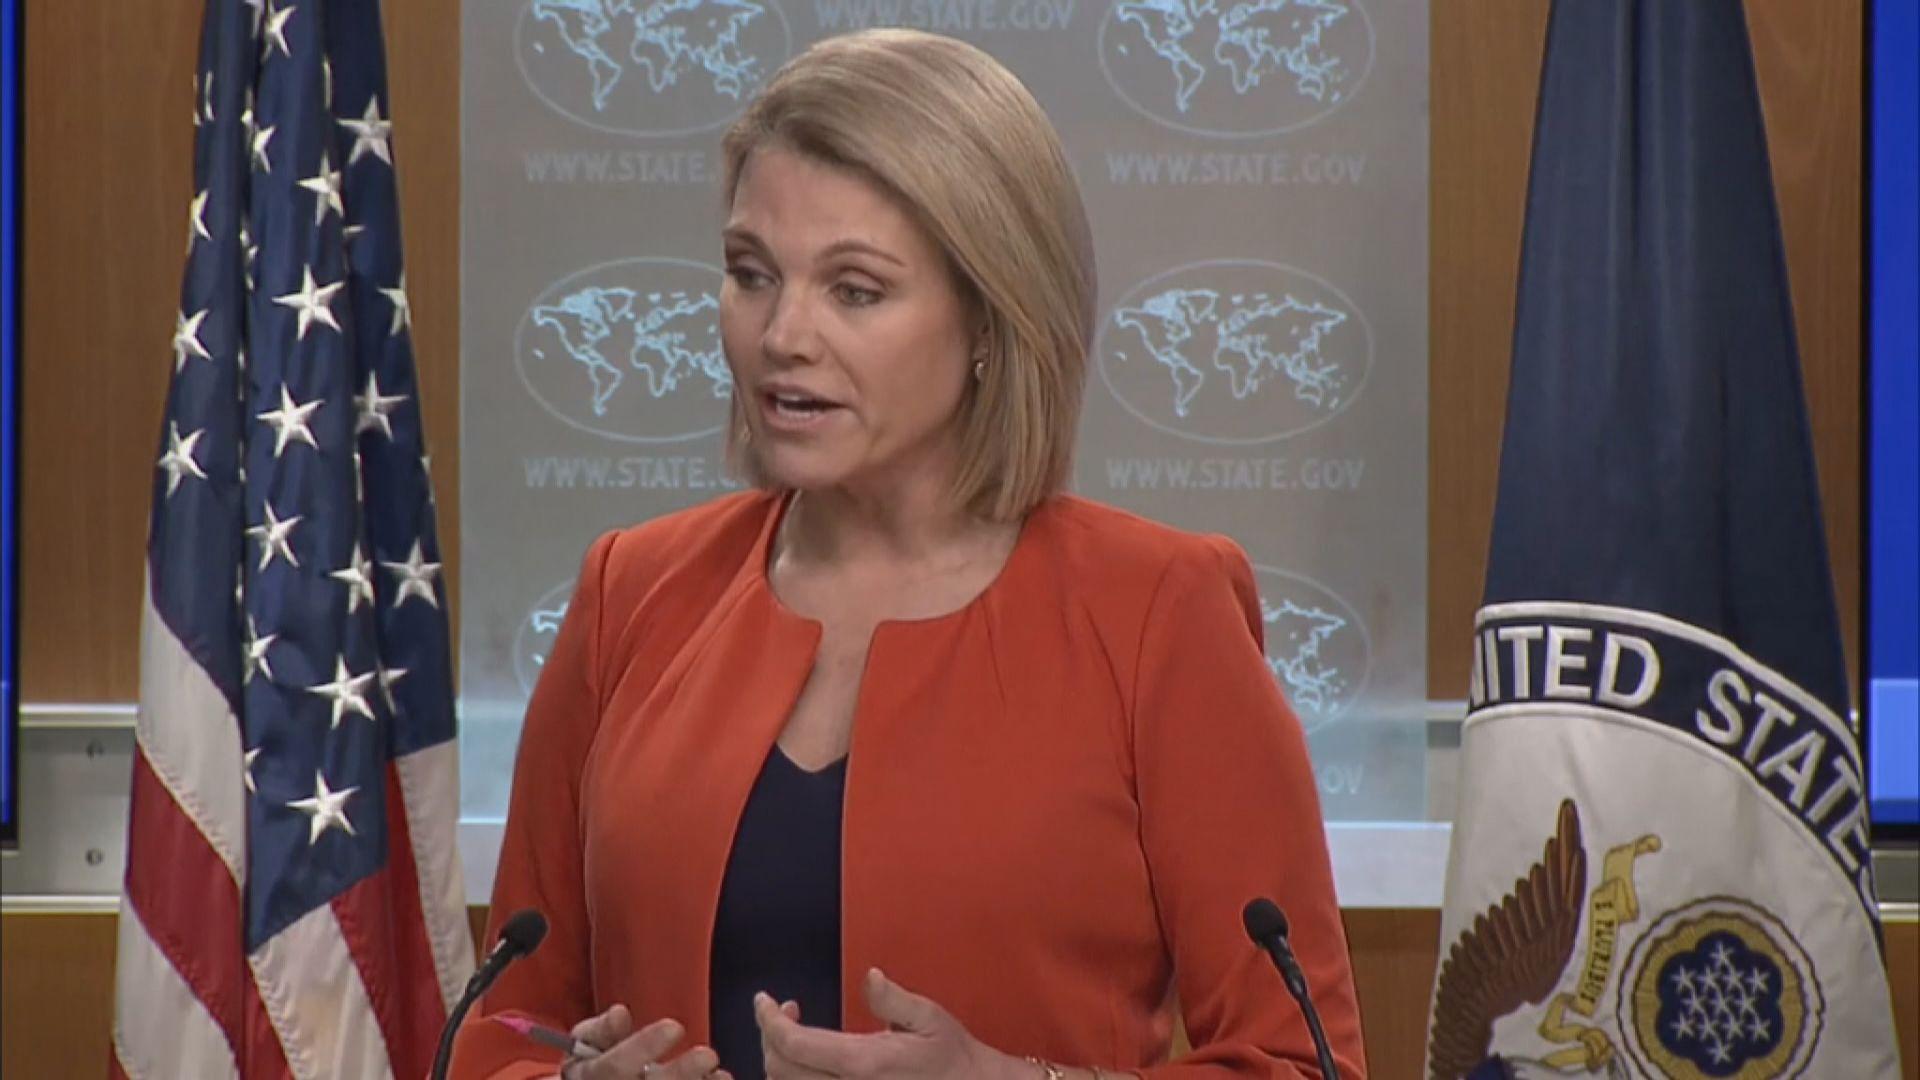 特朗普考慮提名諾爾特任駐聯合國代表